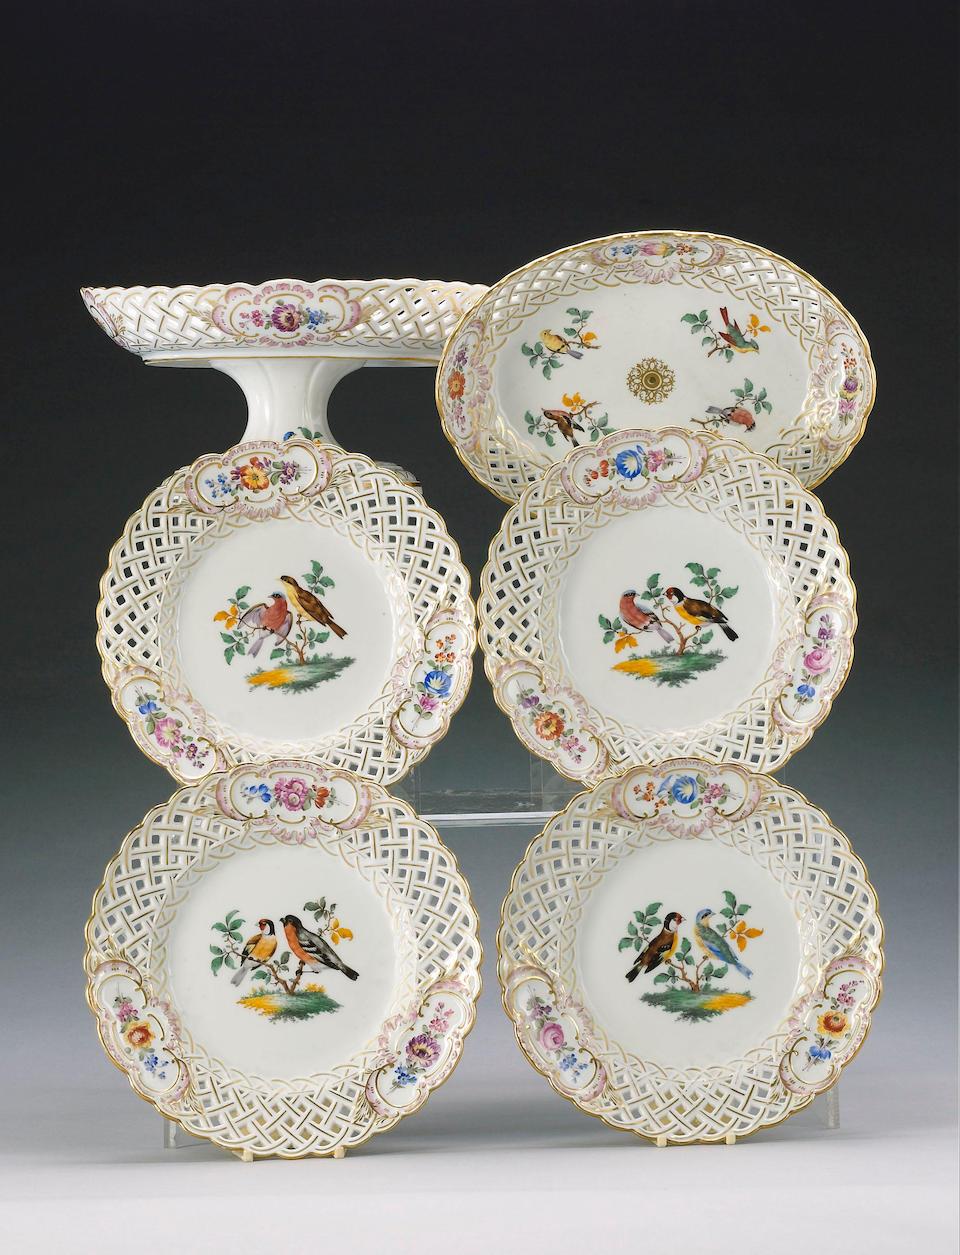 A Meissen pierced dessert service, circa 1830-40,